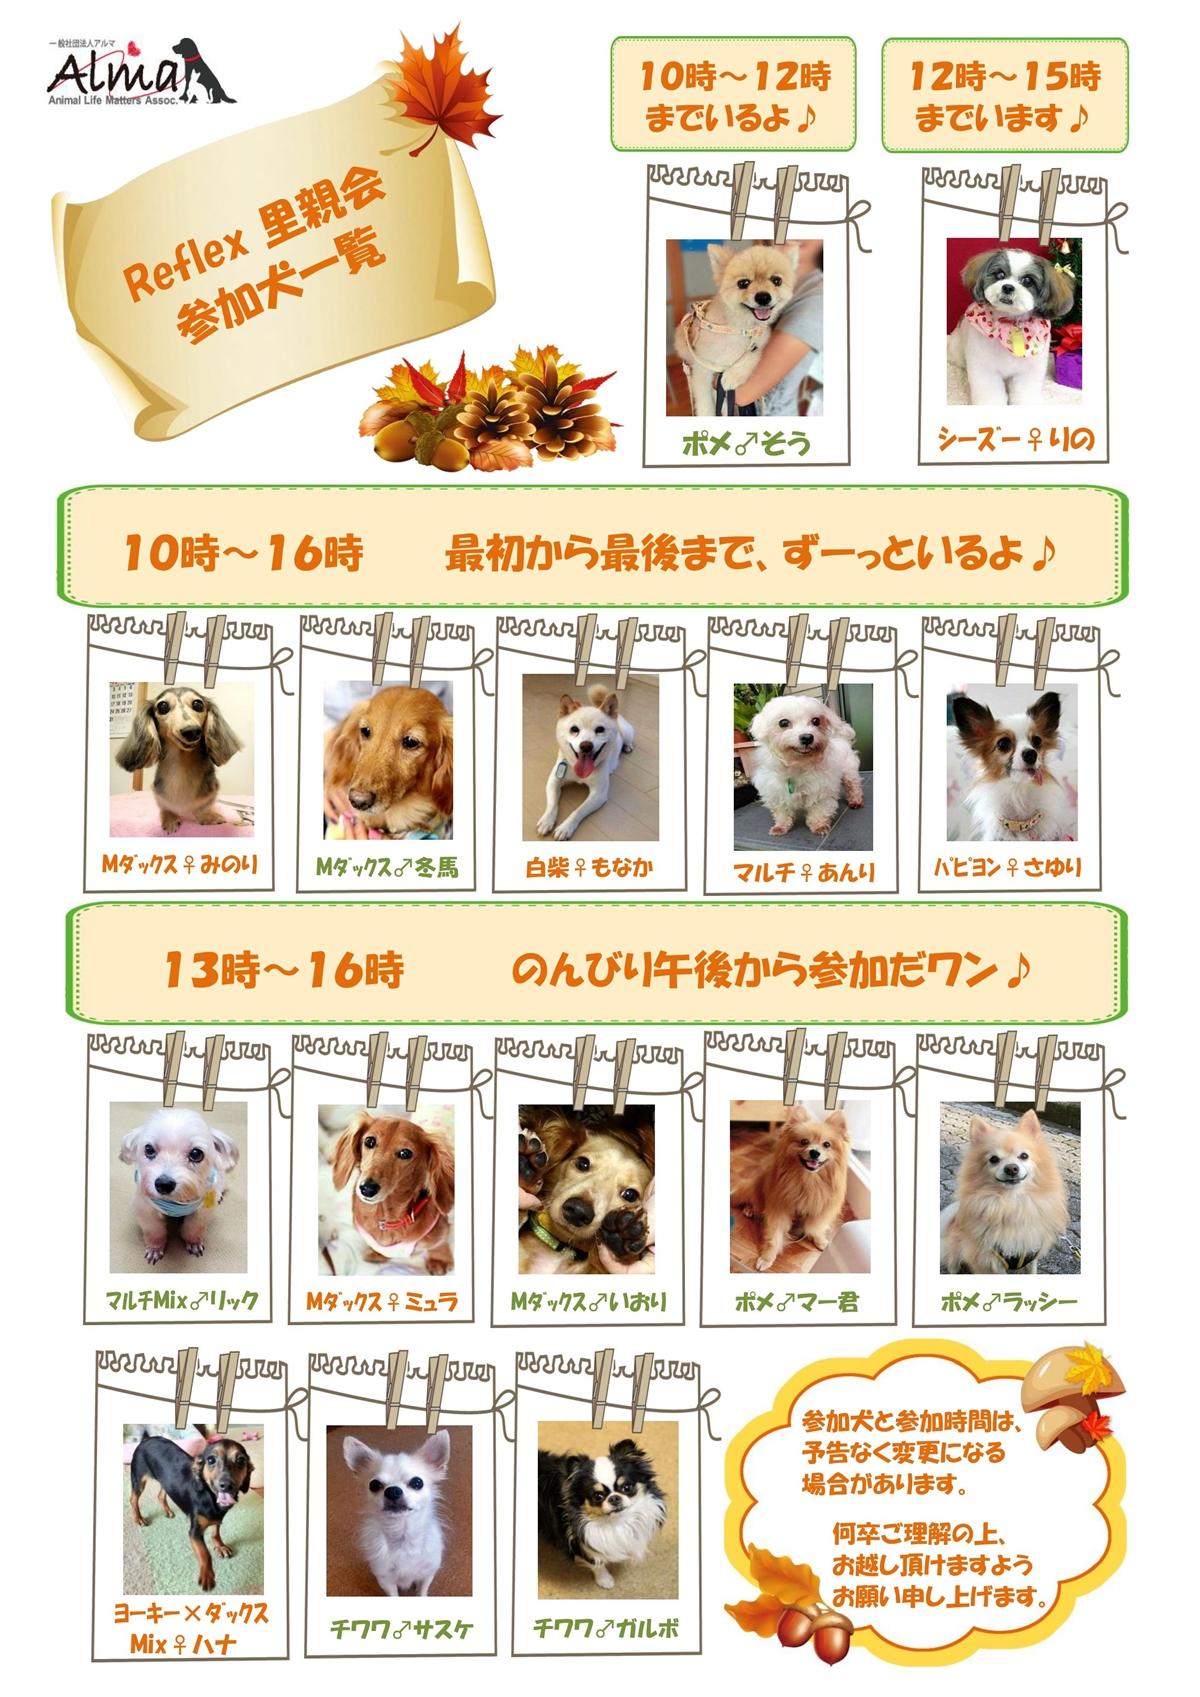 巣鴨参加犬_11_16